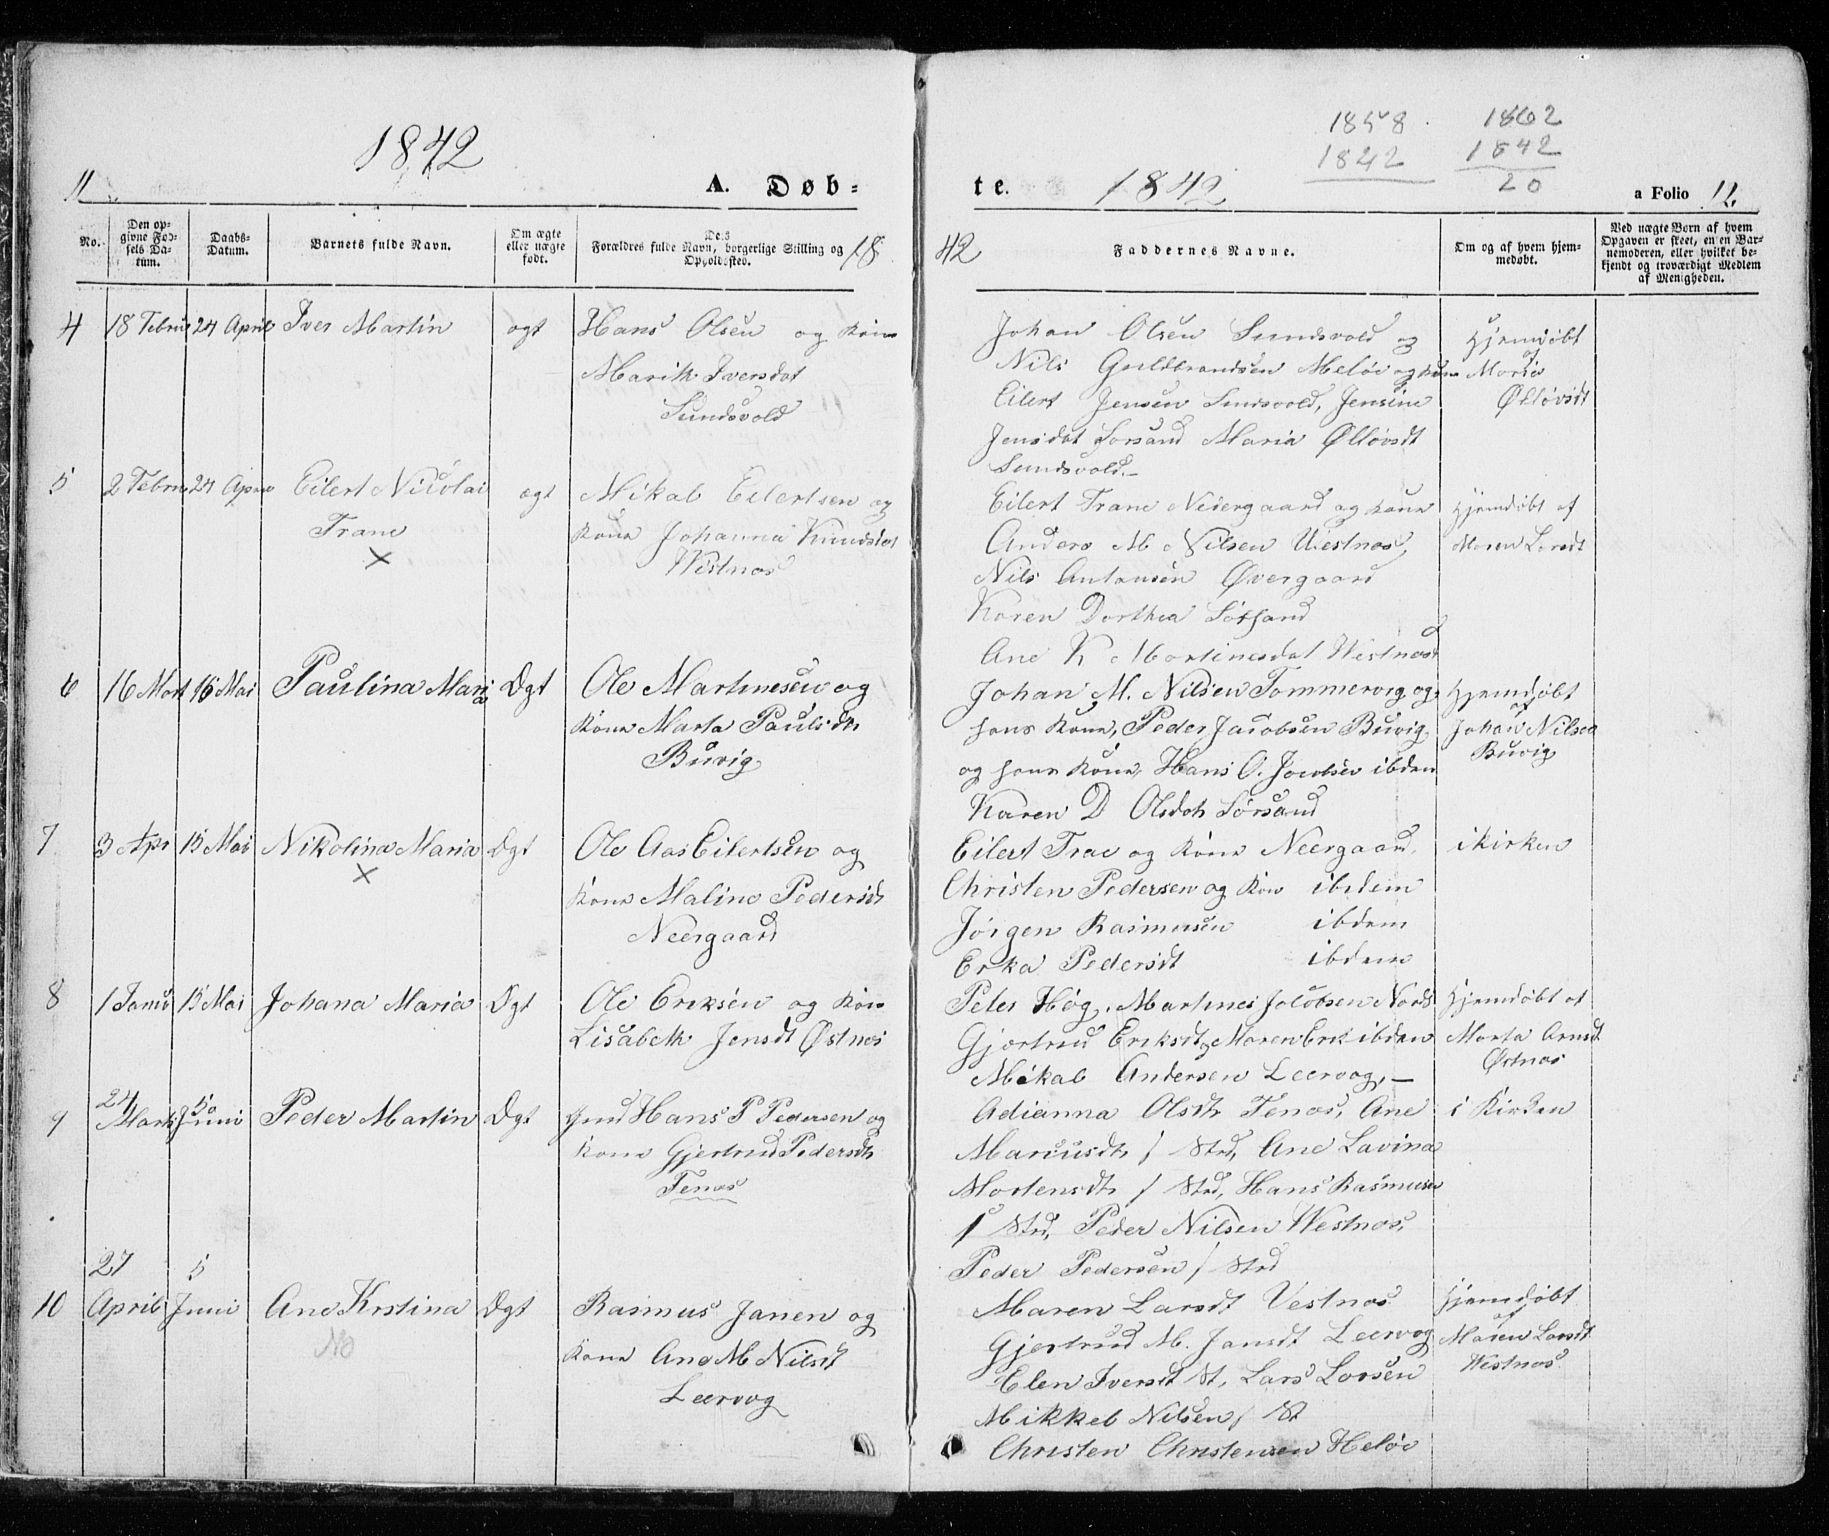 SATØ, Trondenes sokneprestkontor, H/Ha/L0010kirke: Ministerialbok nr. 10, 1840-1865, s. 11-12